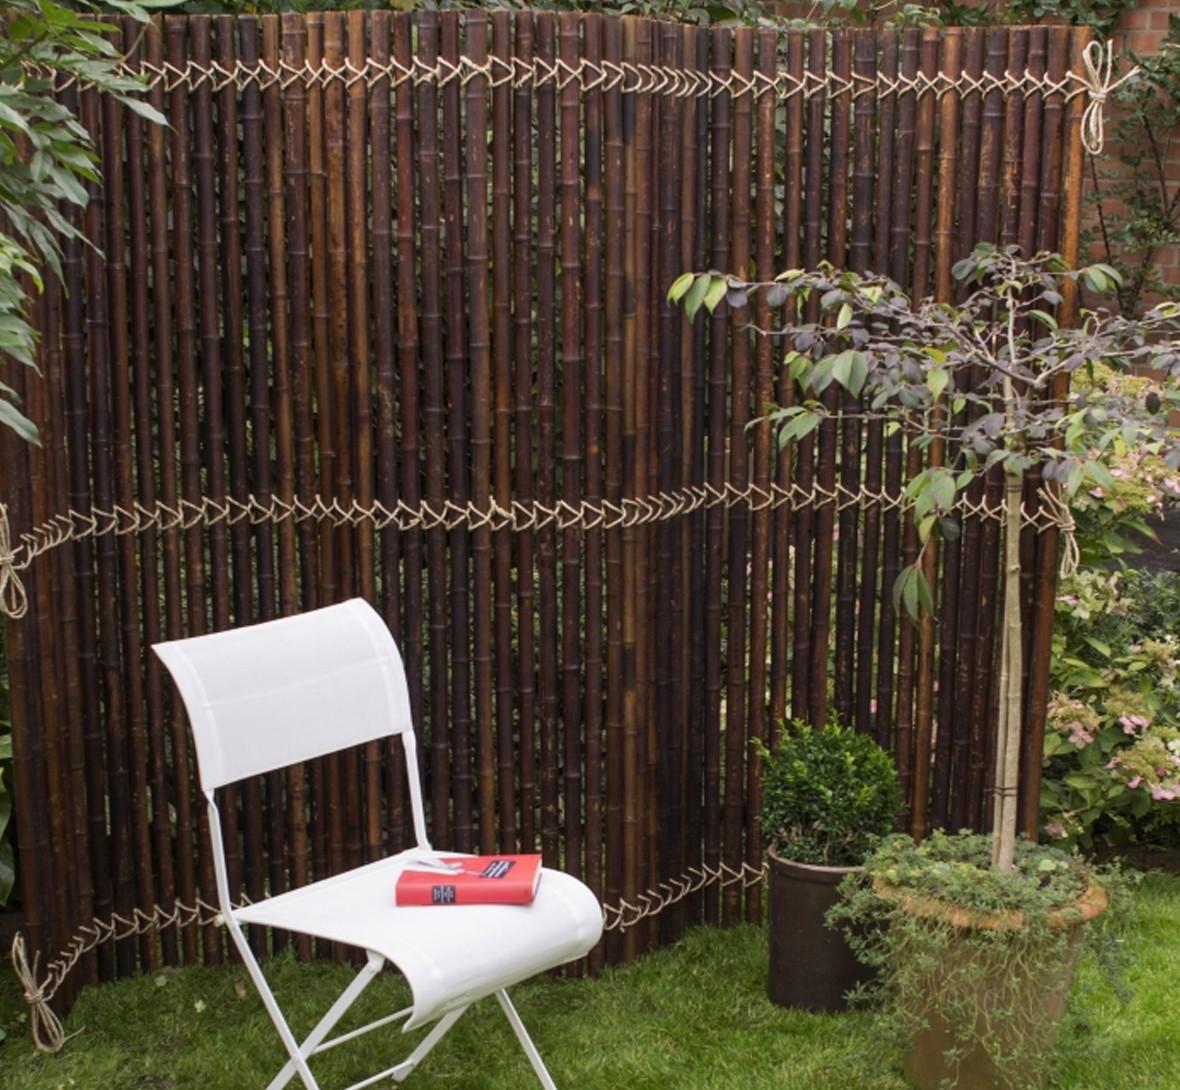 Bambus In Kbeln Als Sichtschutz Cheap Sie Bekommen Bei Uns Im